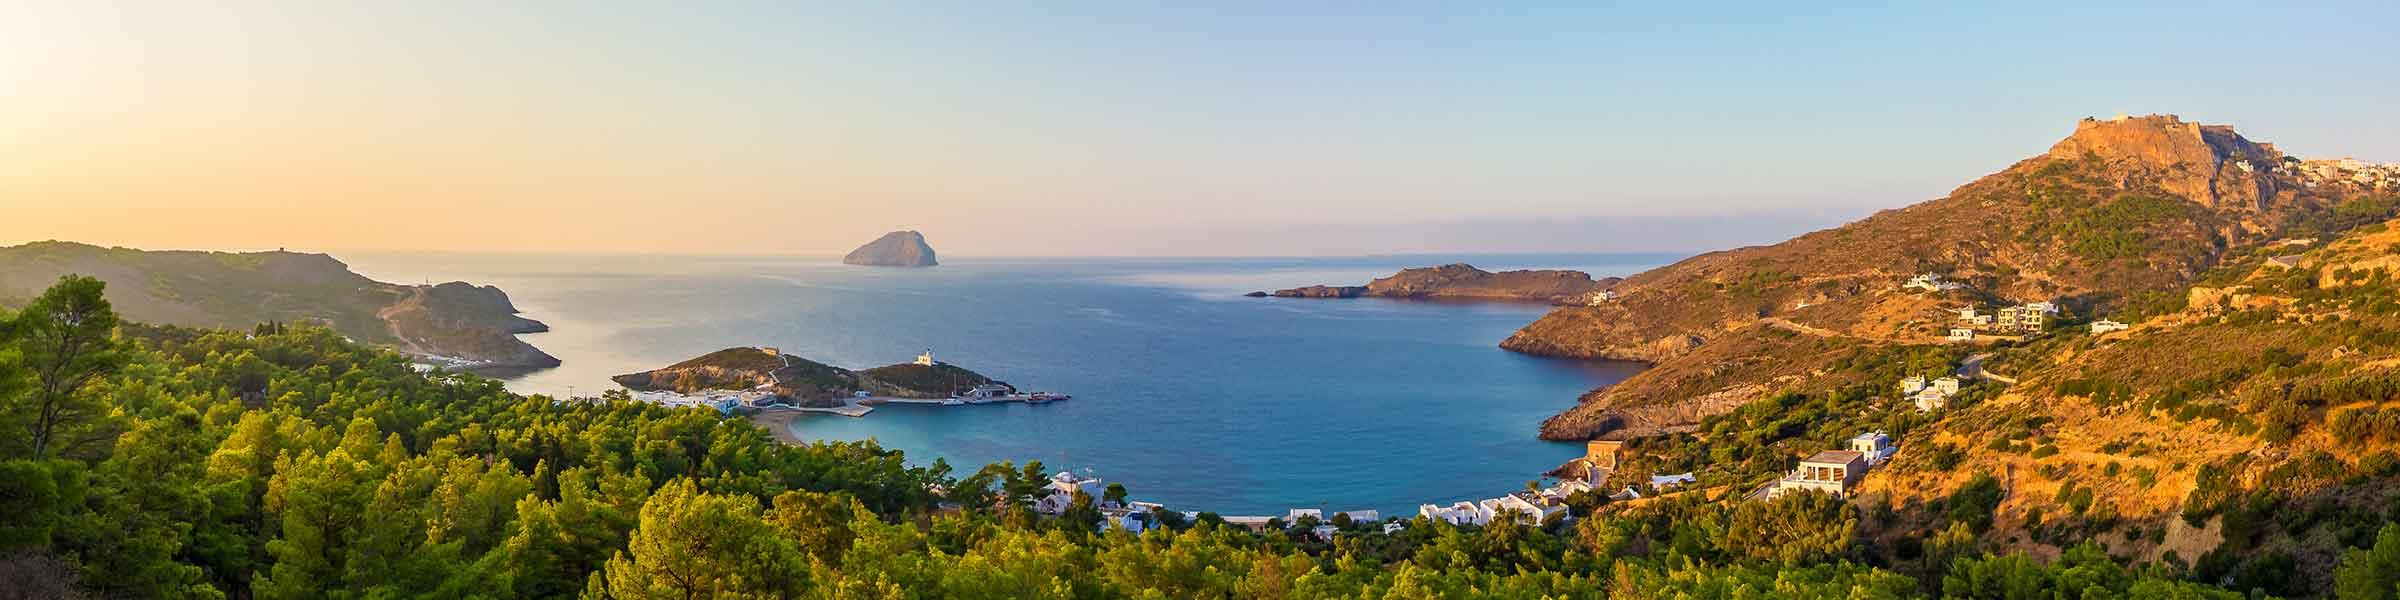 Bilder griechische Inseln